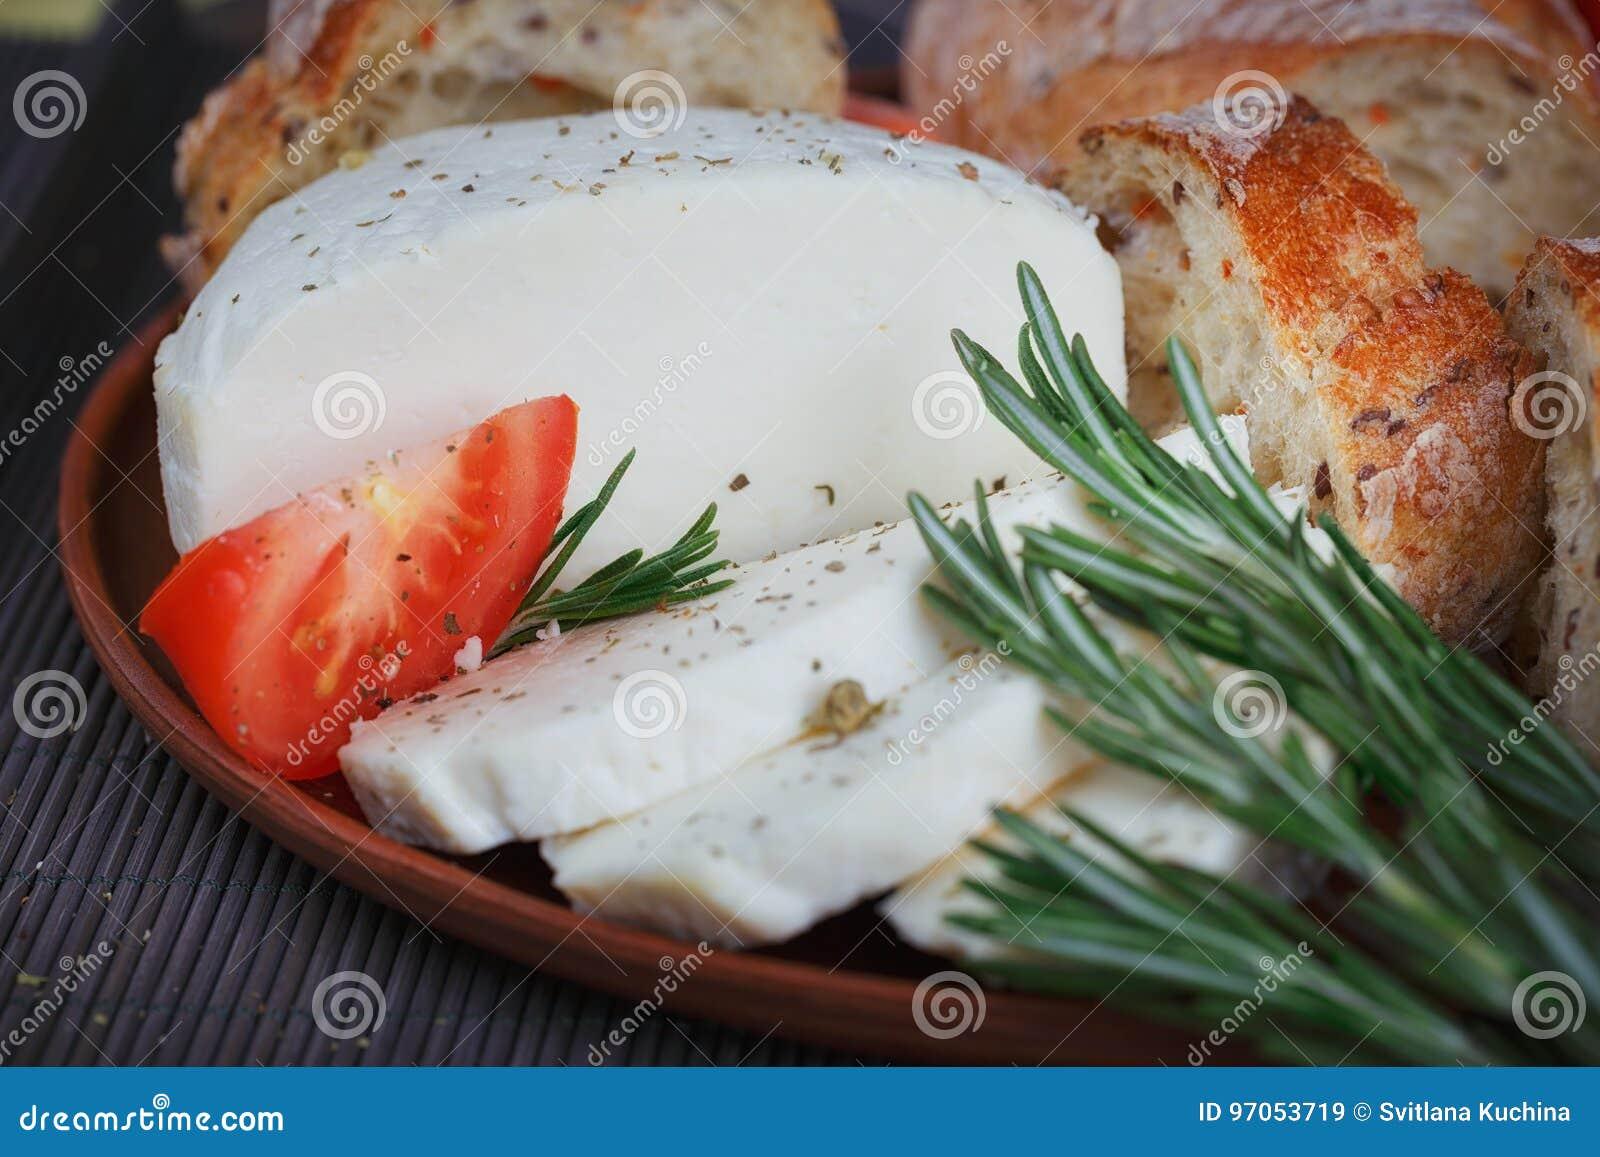 乳酪、蕃茄、草本和面包